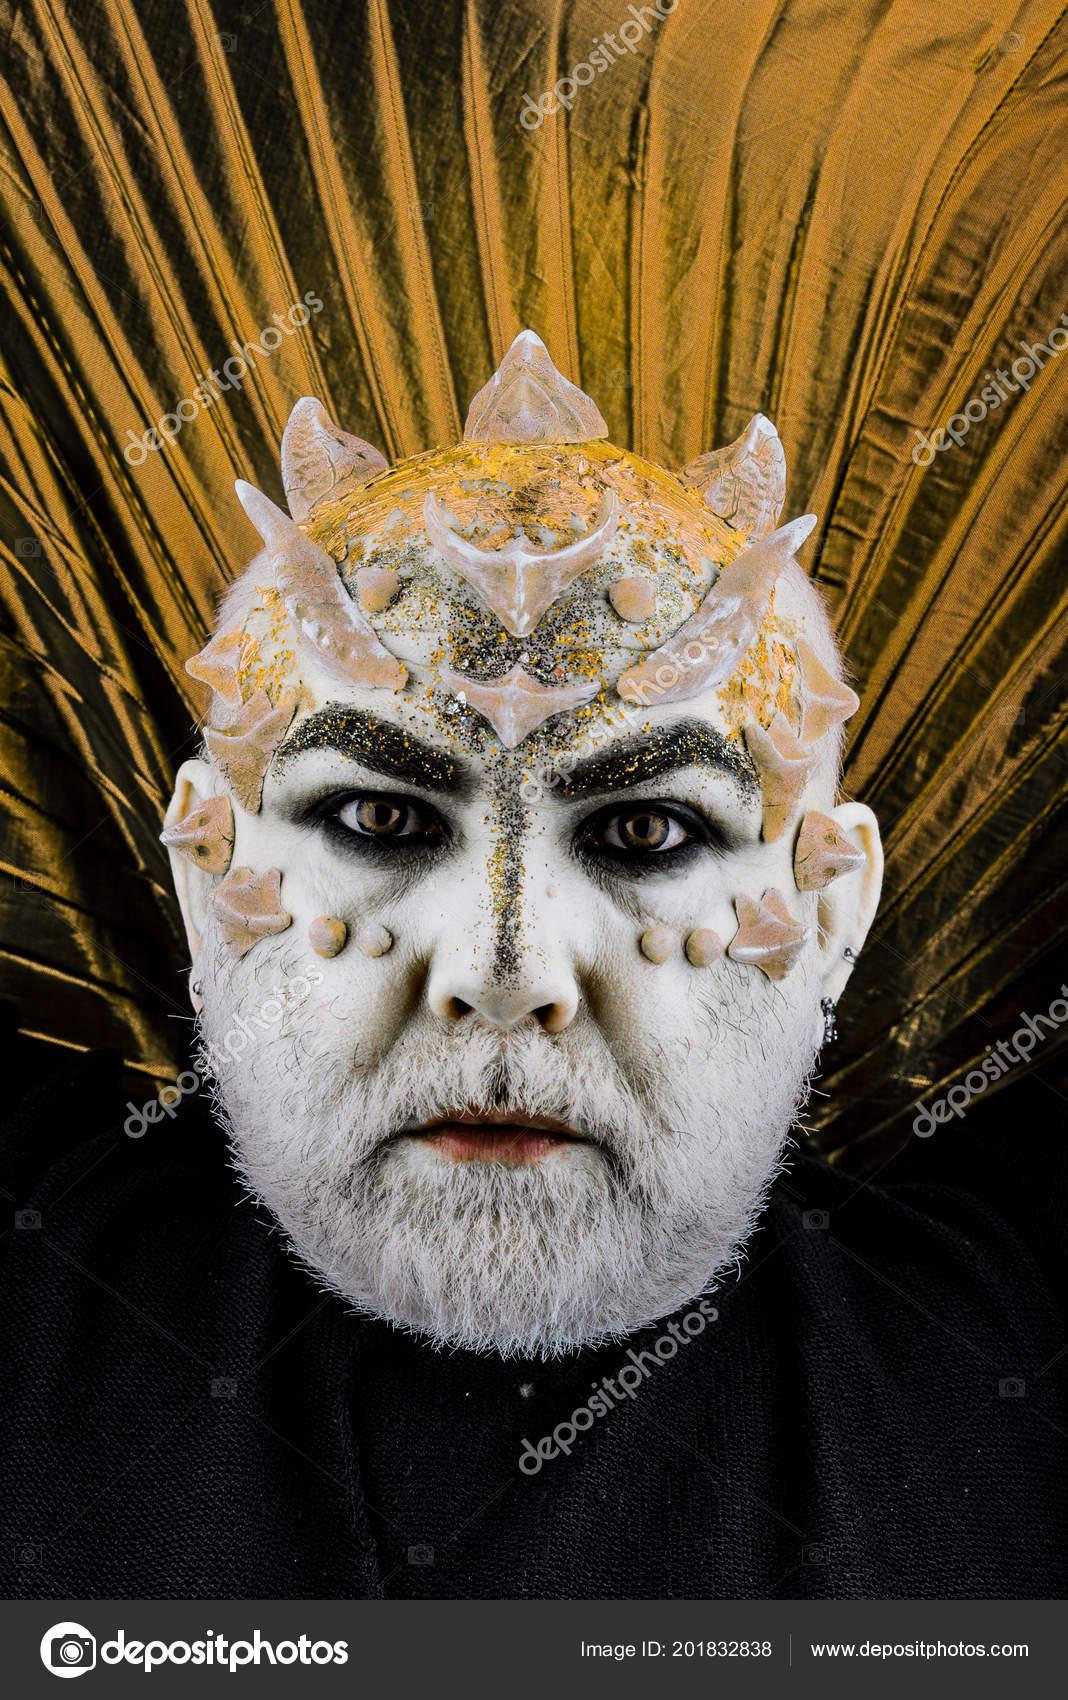 Kopf Mit Dornen Oder Warzen Gesicht Mit Glitzer Bedeckt